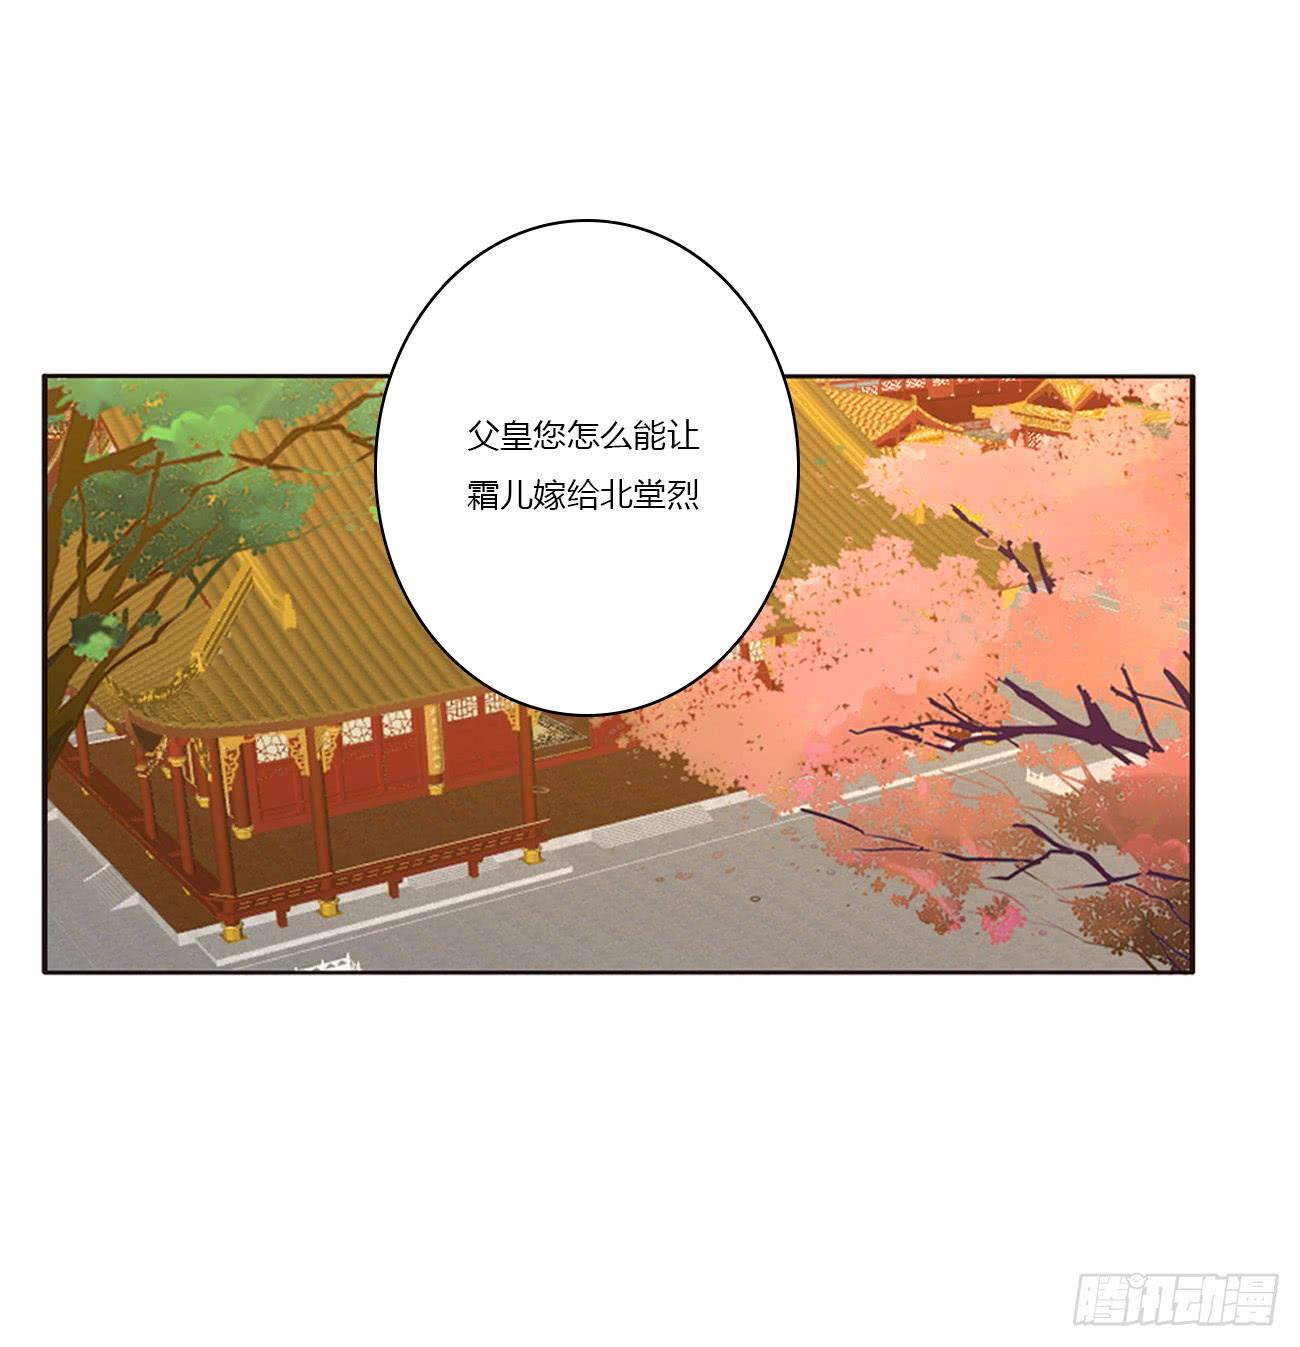 通靈妃: 赞同 - 第3页